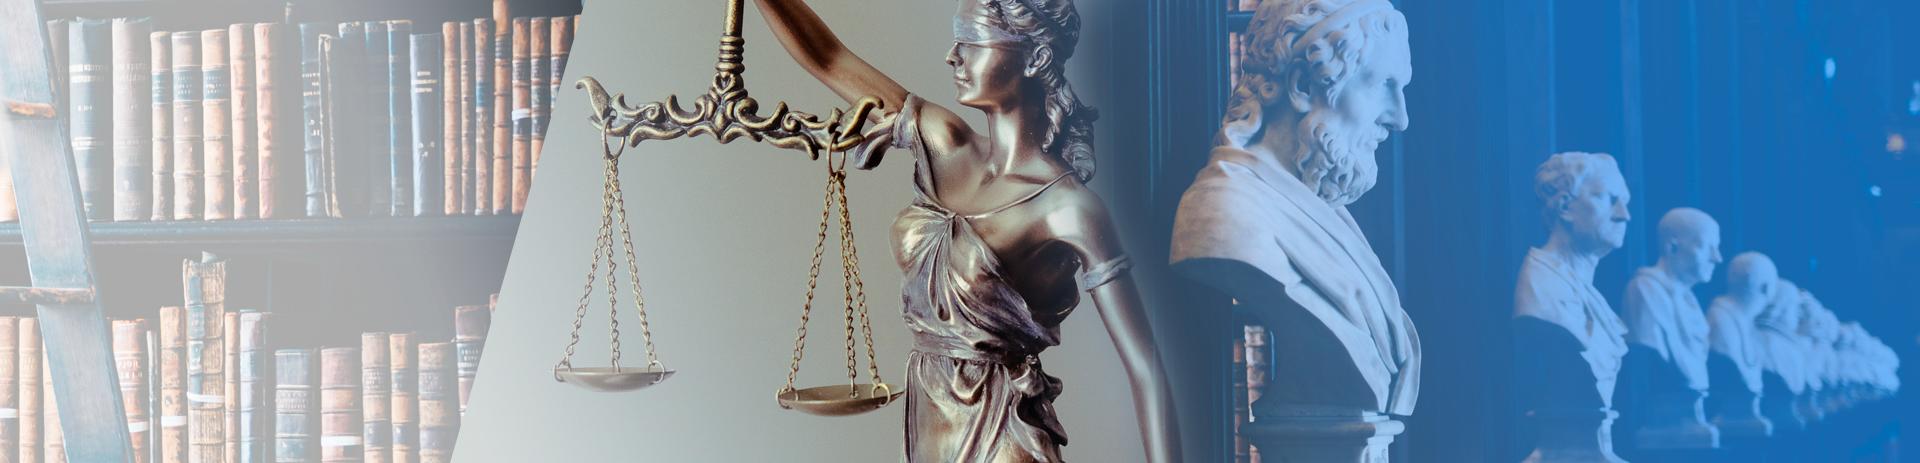 Специализации юриста. Какую выбрать